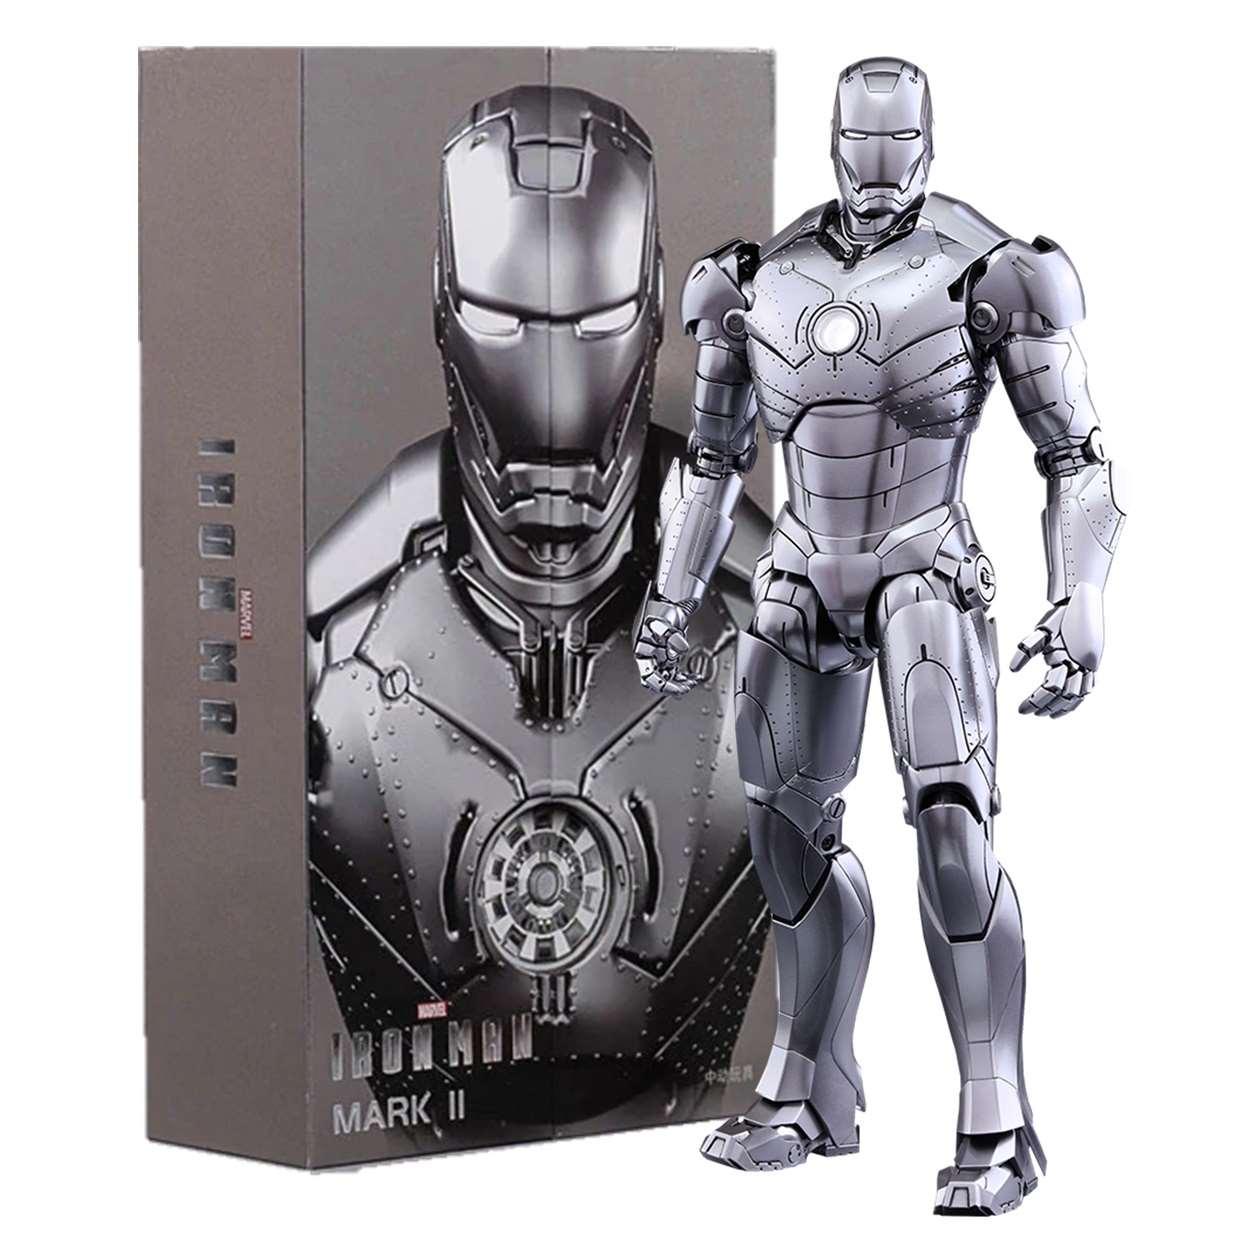 Iron Man Armor Mark Il 1:10 Figura De Acción Z D Toys 6 PuLG